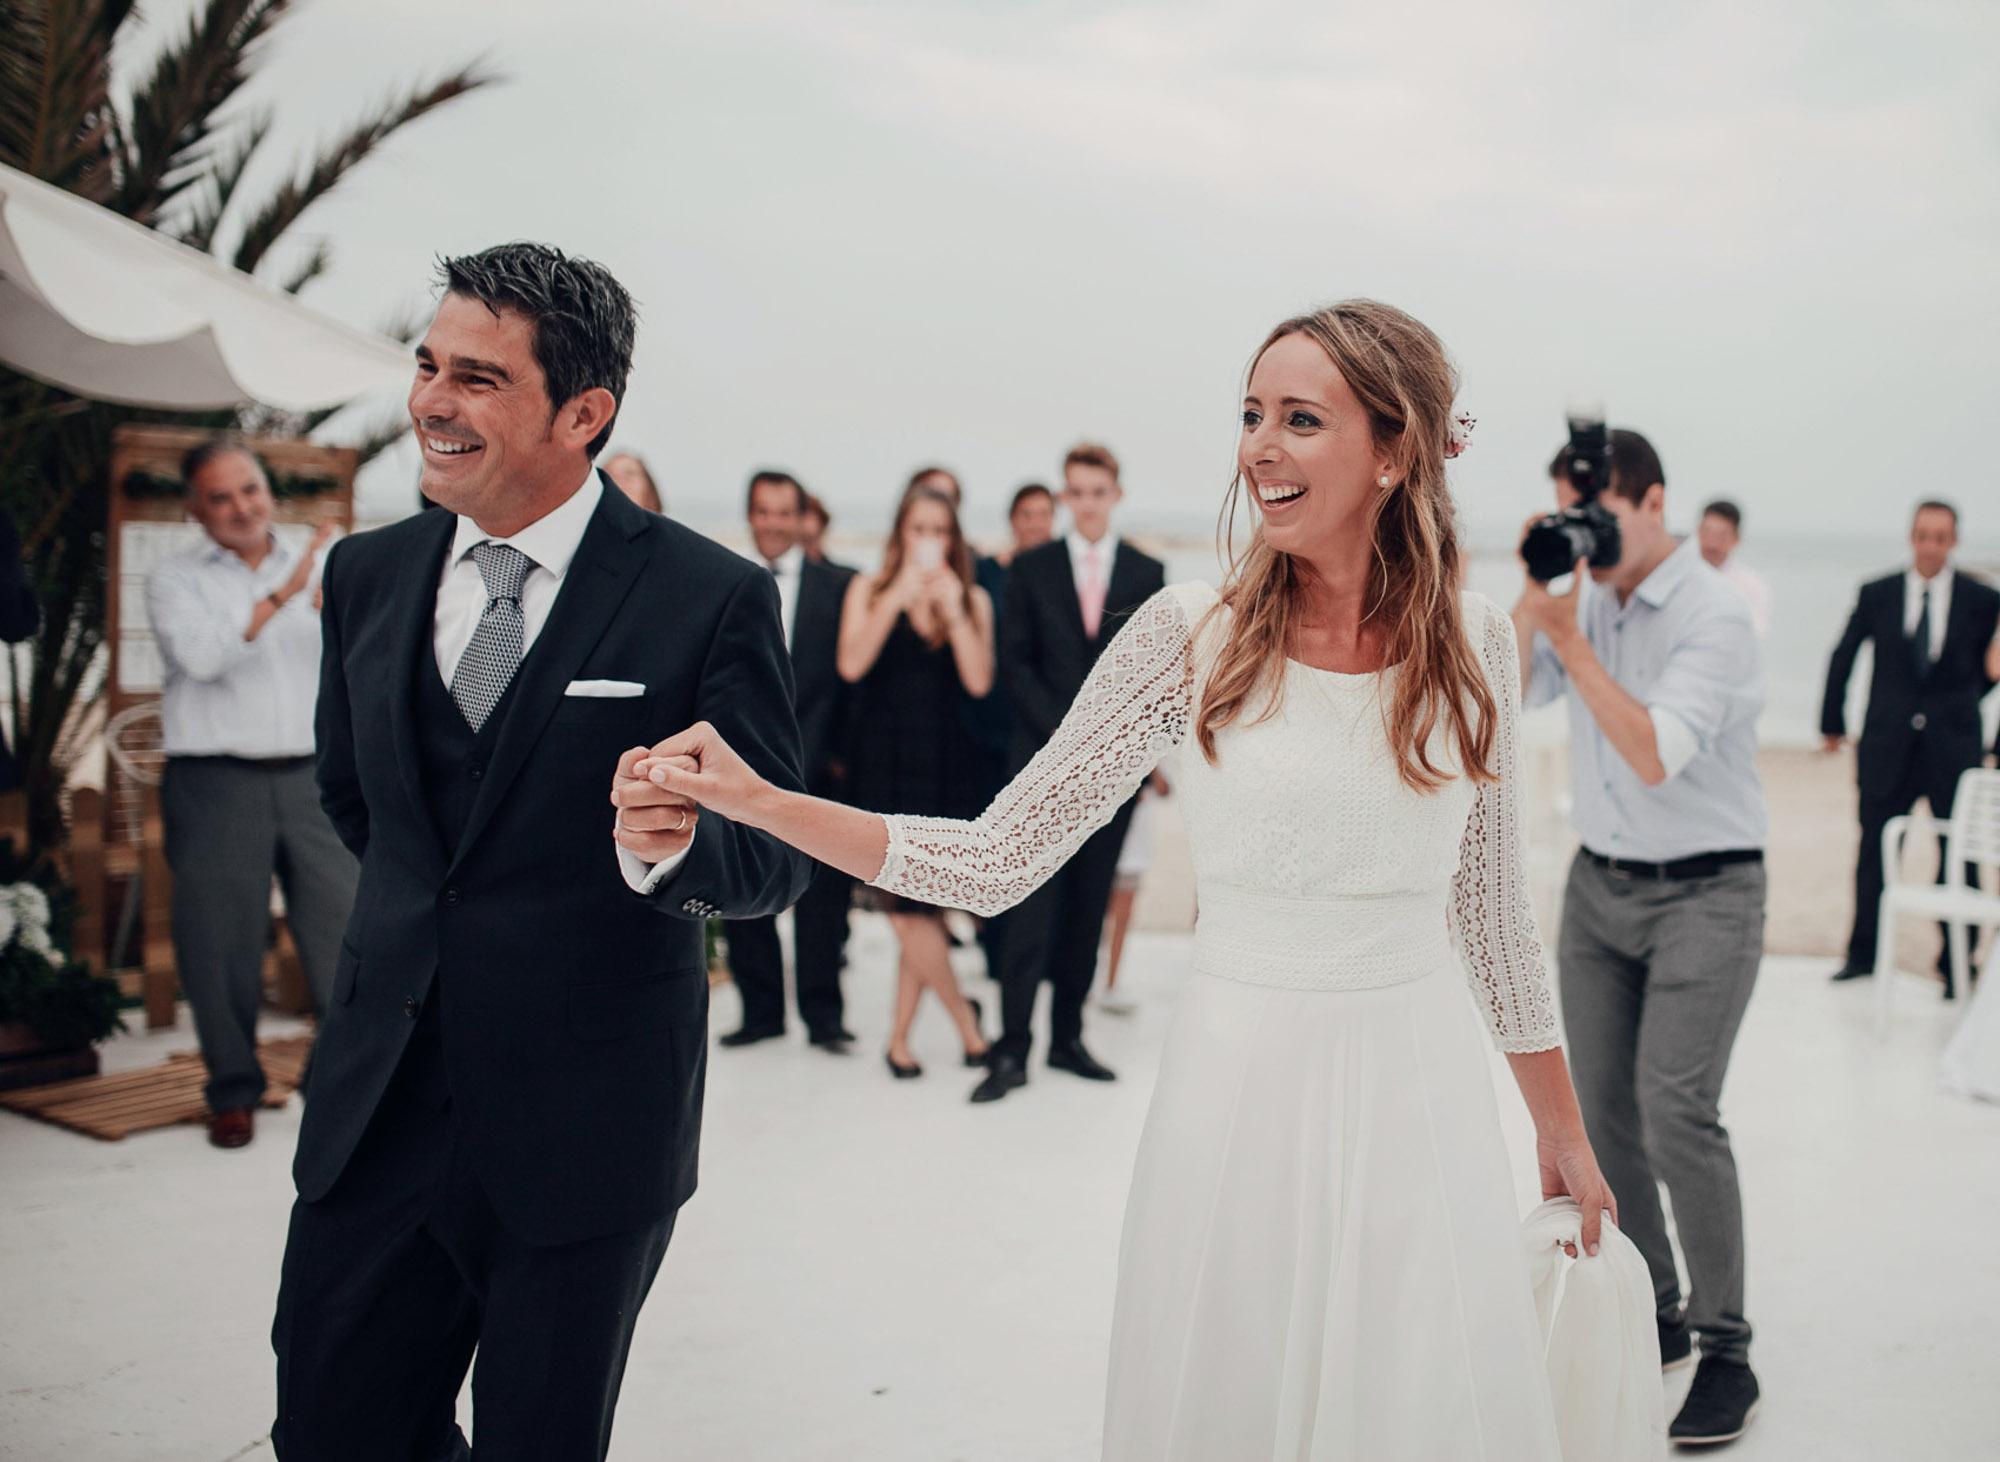 baile nupcial wedding novios Cabo de Palos fotografia